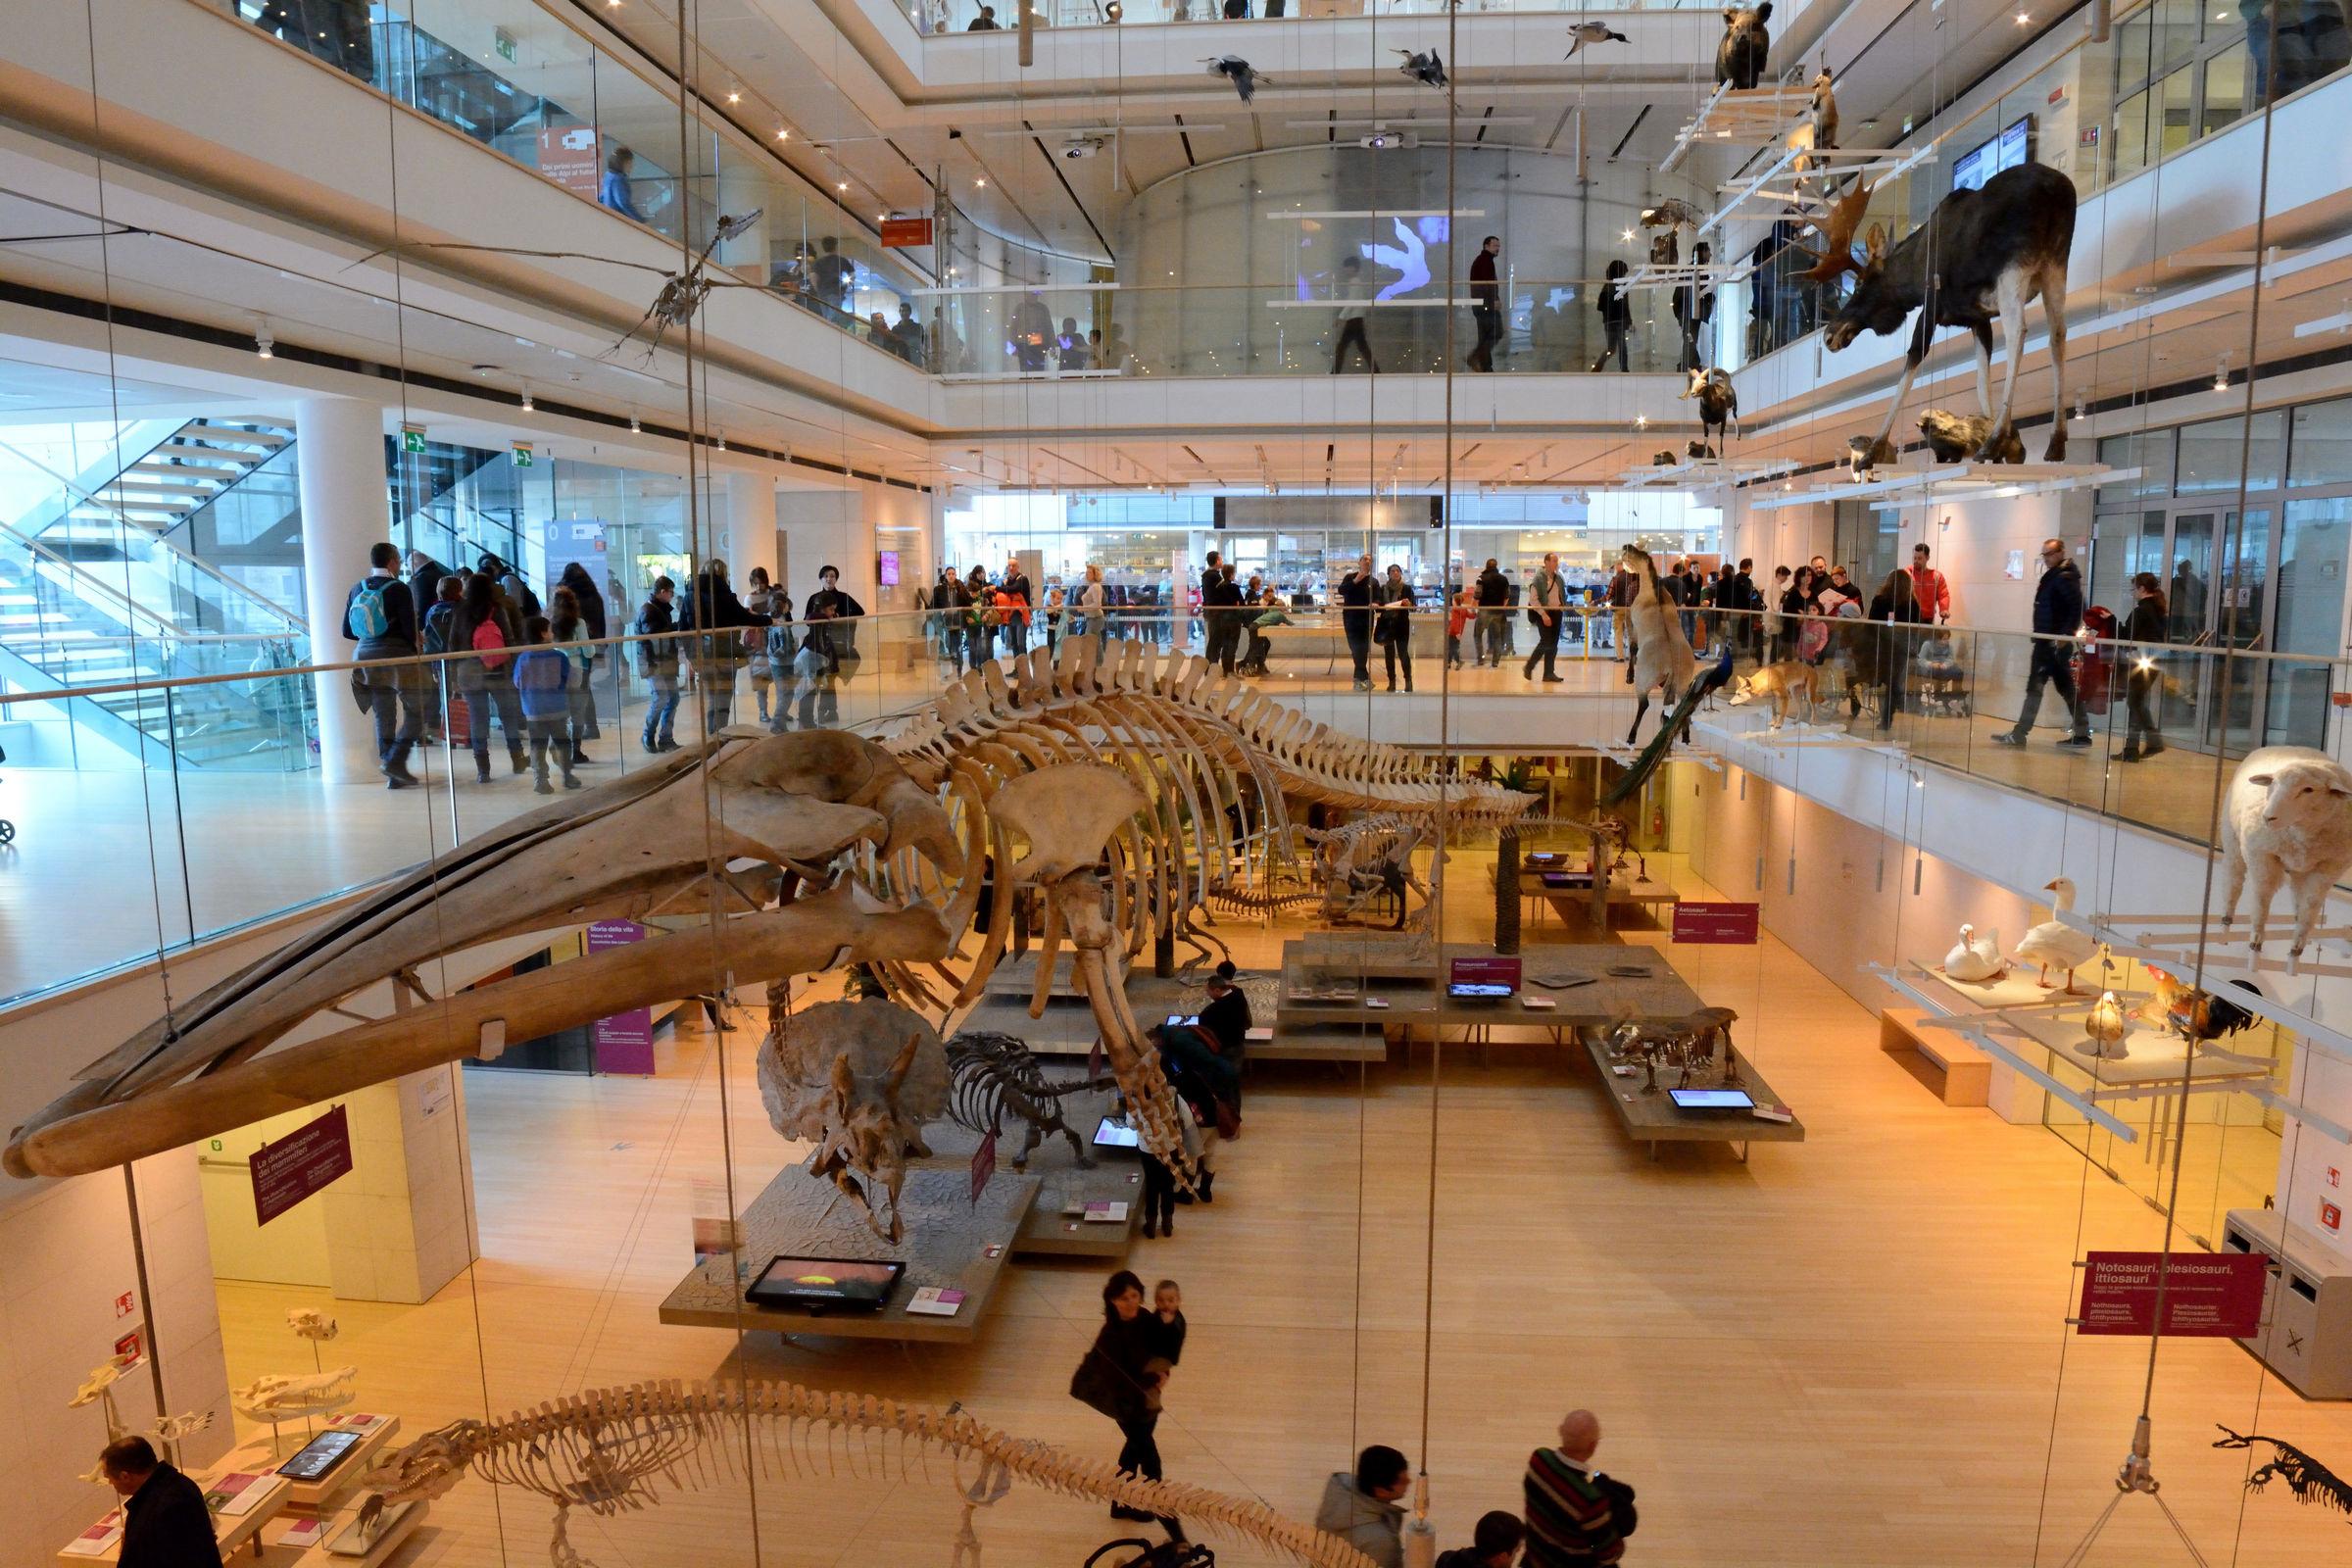 Museo delle scienze trento juzaphoto for Mercatino usato trento